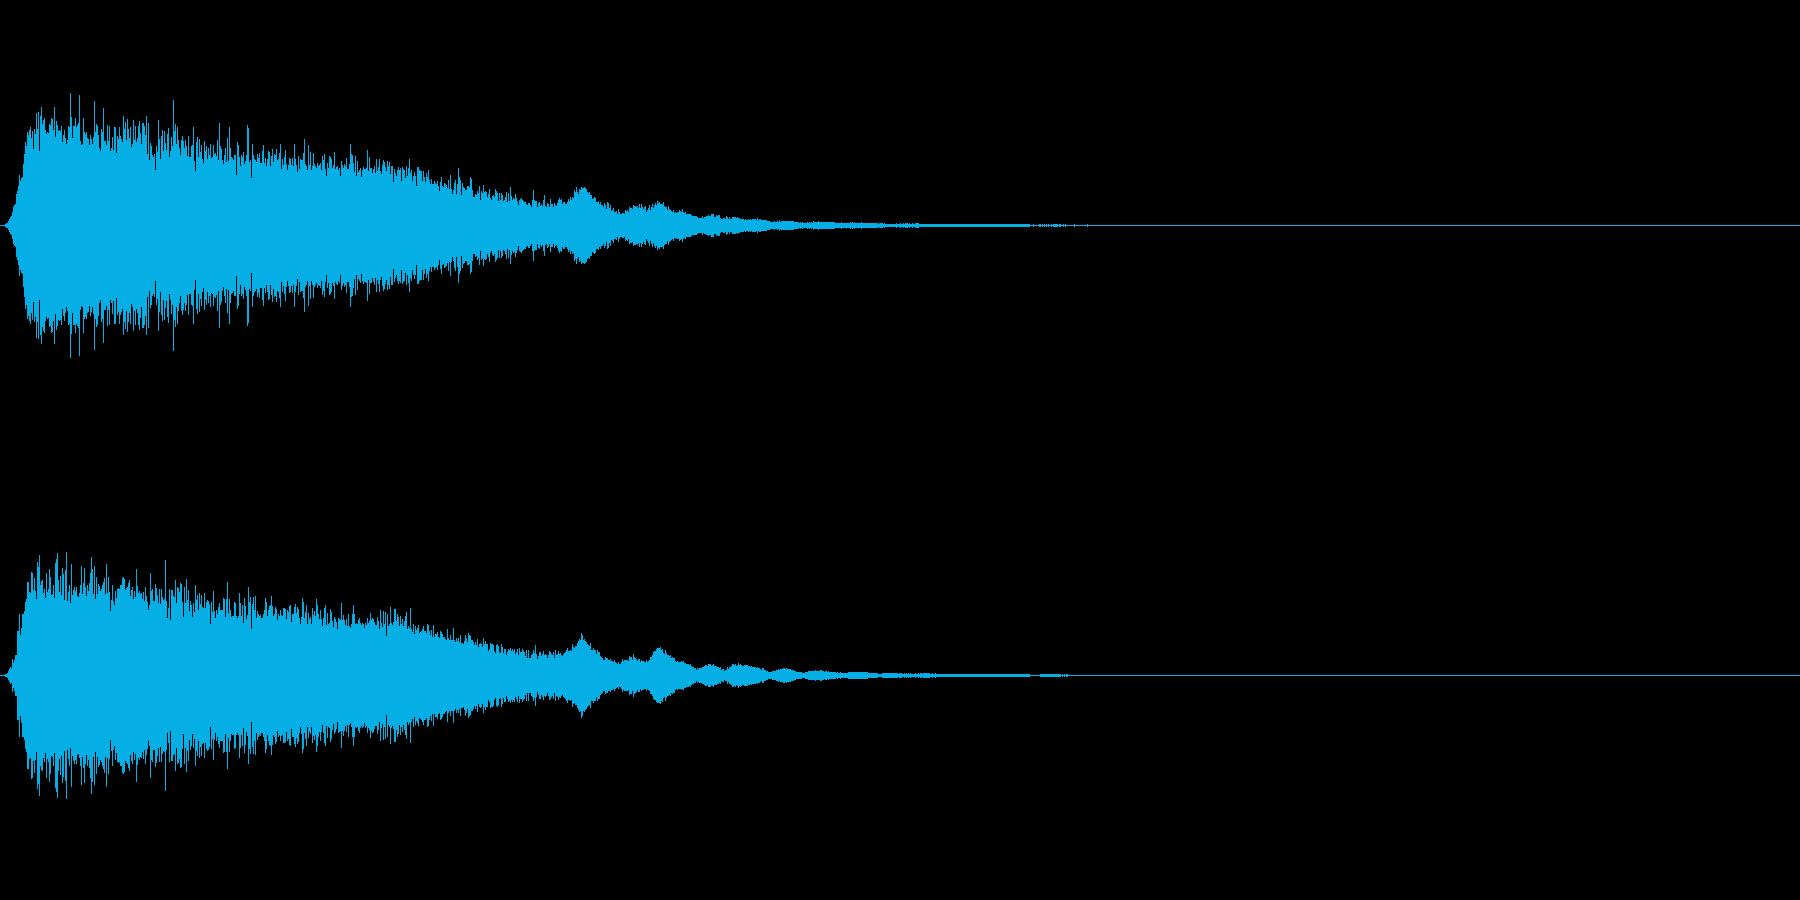 シューンと流れ星のような音の再生済みの波形